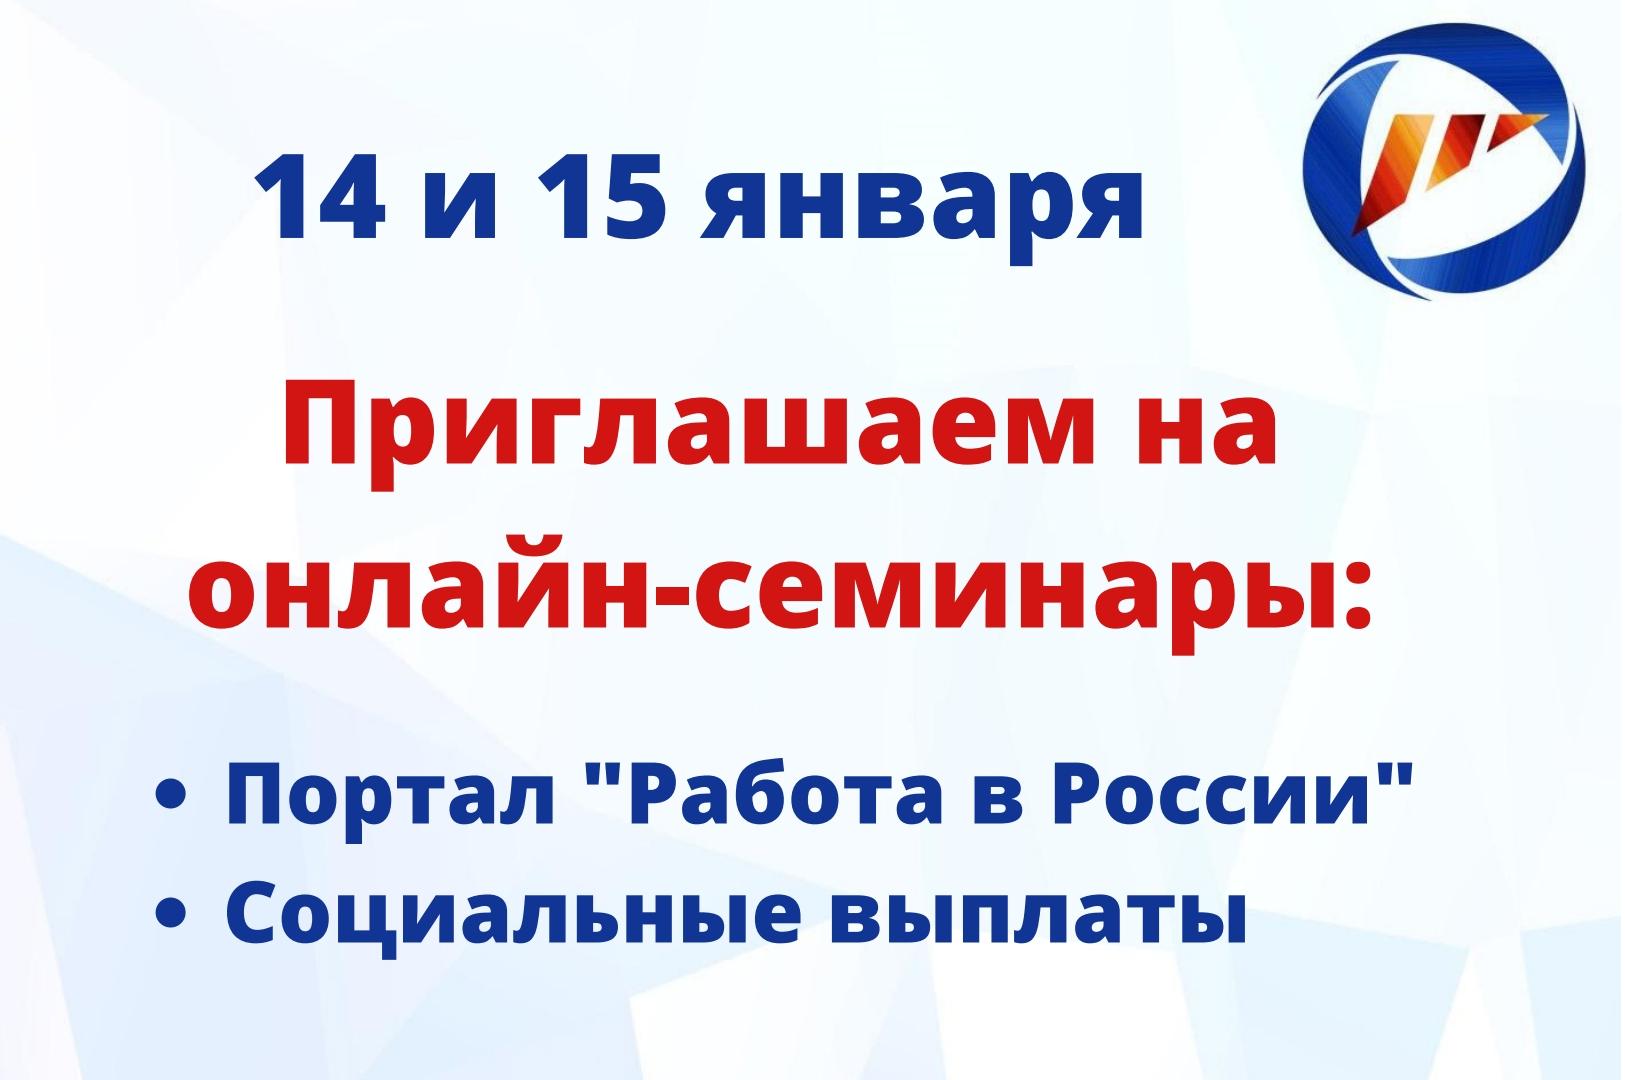 14 и 15 января Архангельский областной центр занятости населения приглашает жителей Поморья на тематические онлайн-семинары